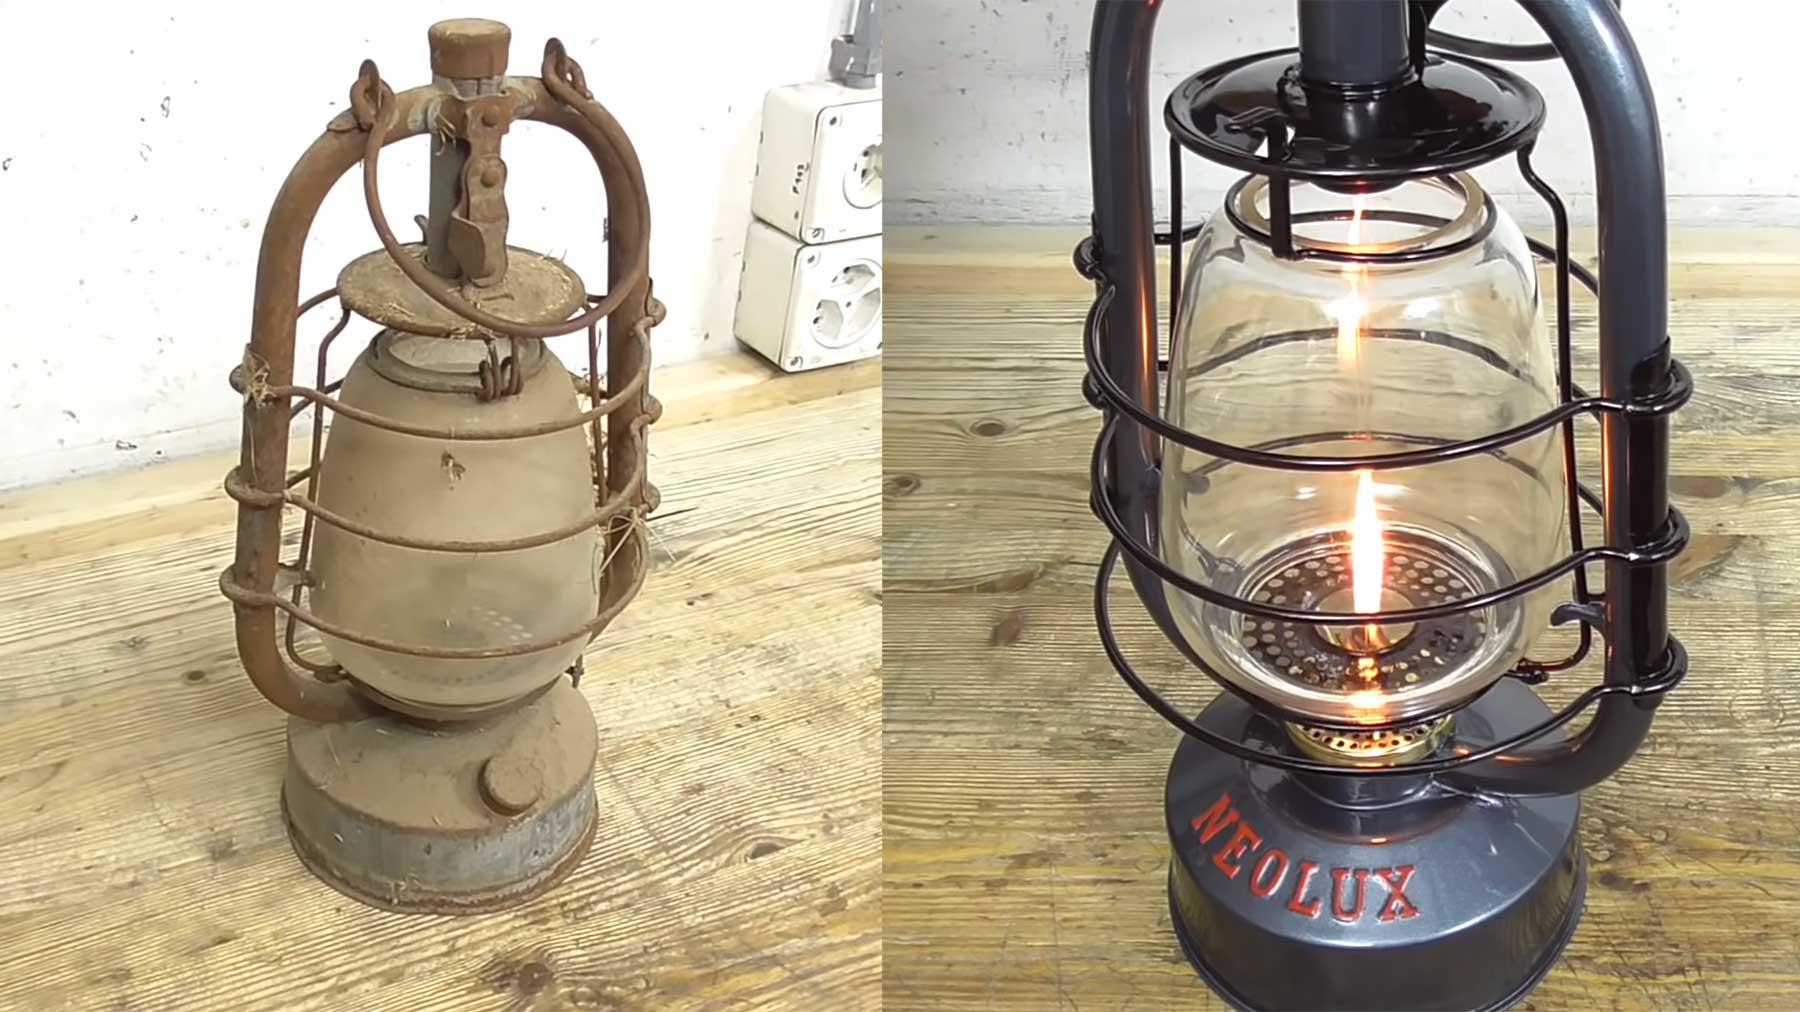 Restauration einer alten Öllampe